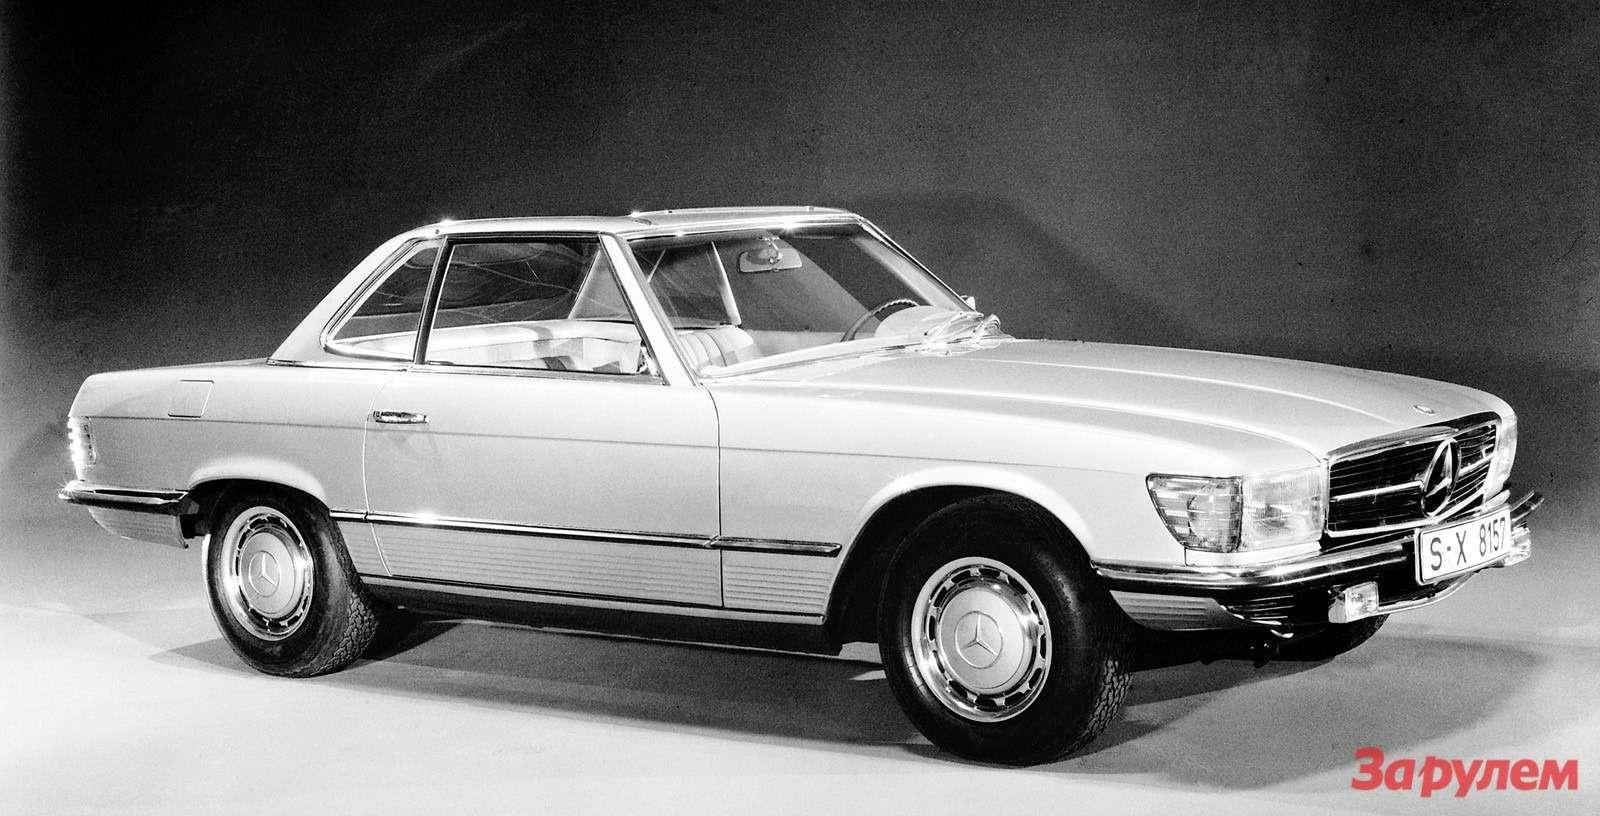 Первое официальное фото автомобиля, 1971г. Горизонтальные ребра подмолдингом делали короткобазную машину зрительно более удлиненной.